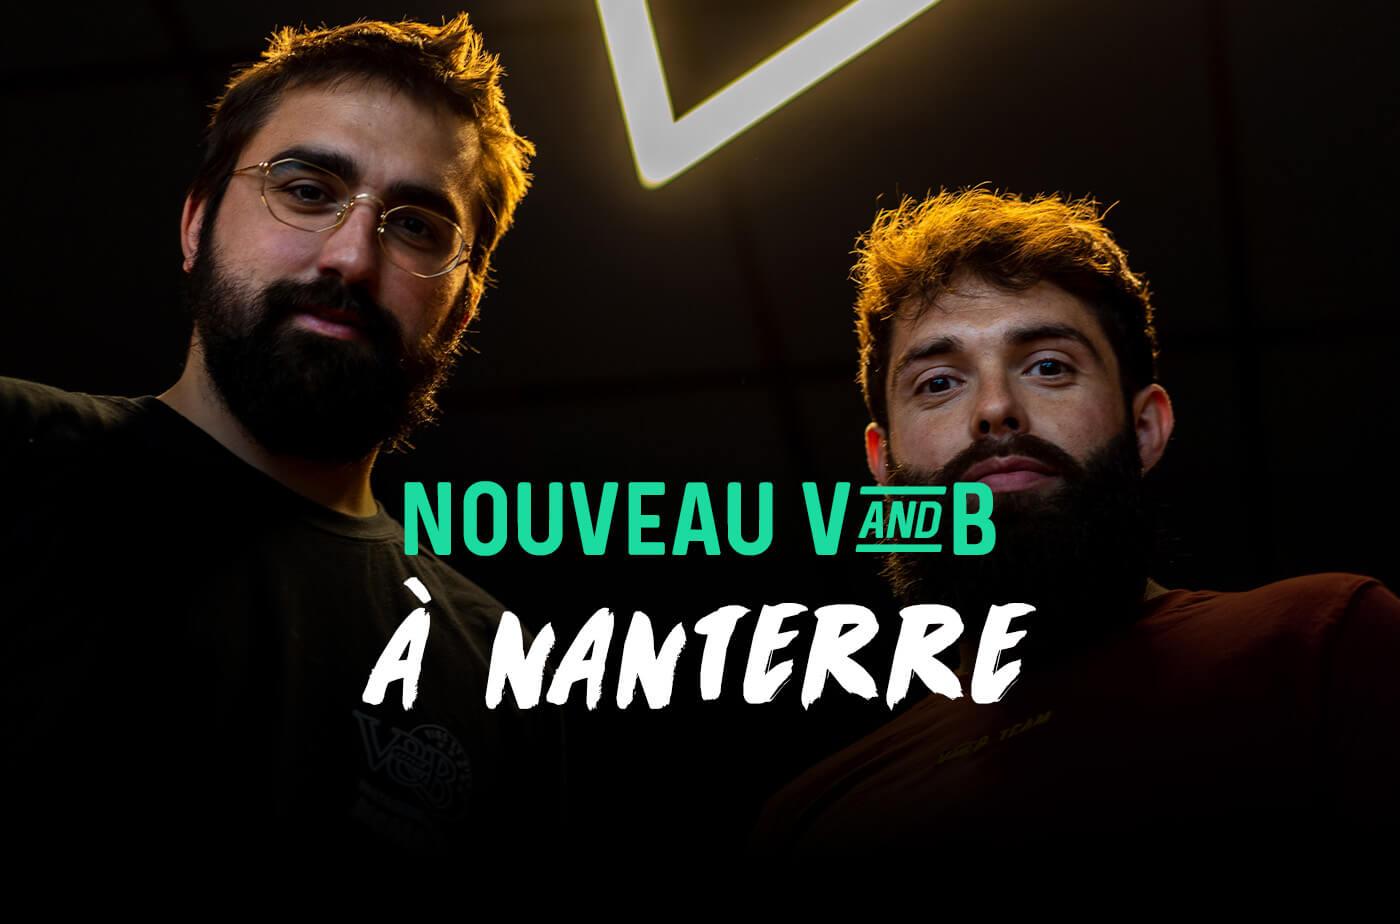 Nouveau magasin V and B à Nanterre